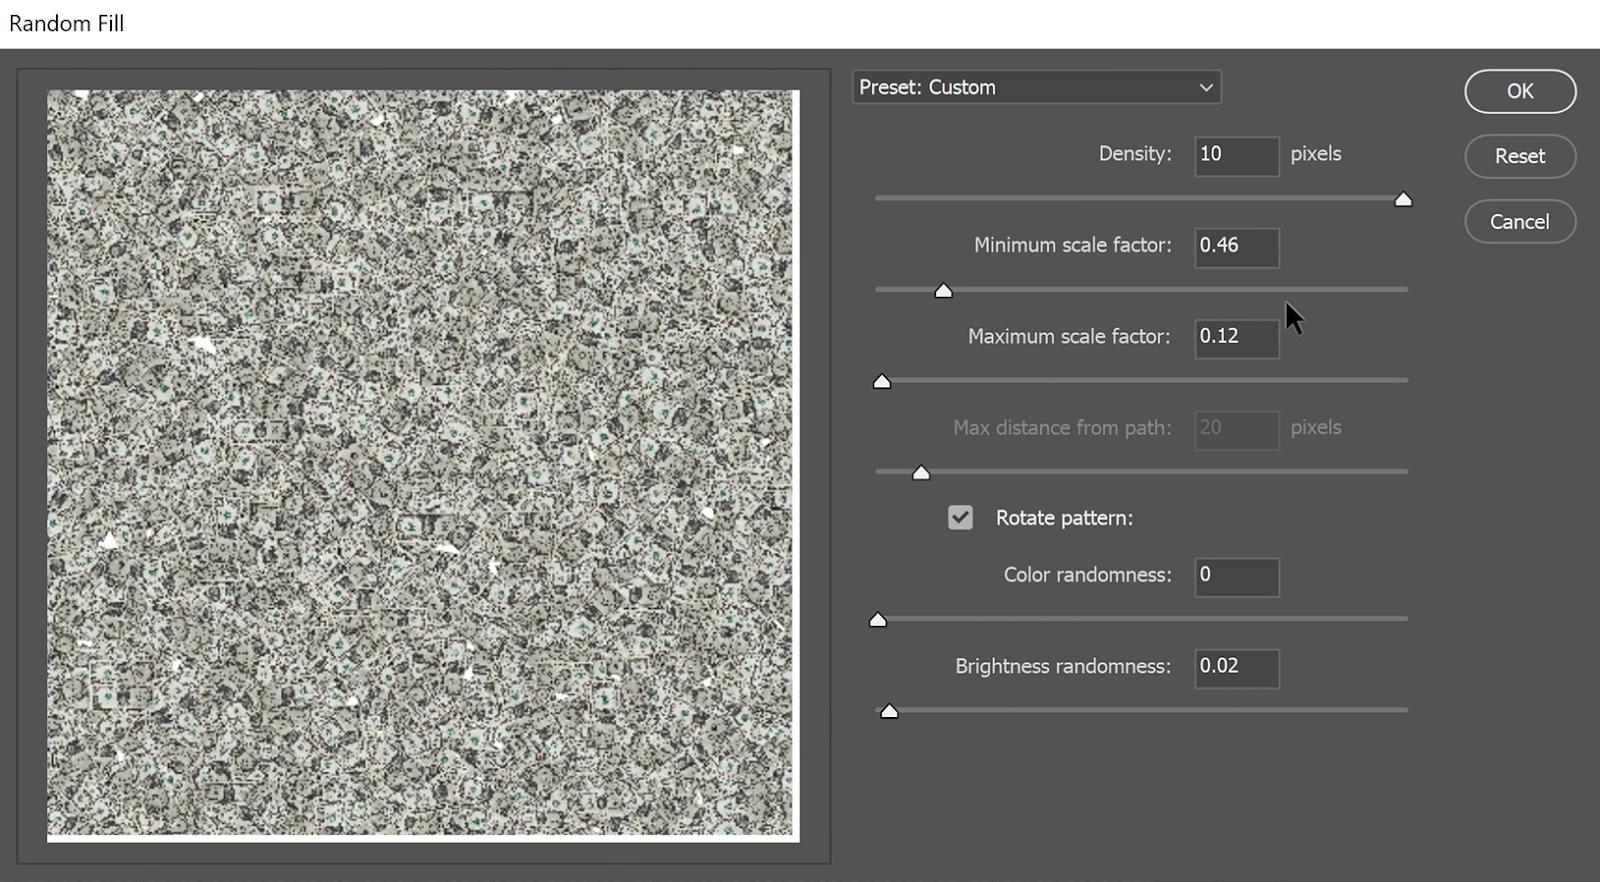 Set the Density to its maximum at 10 pixels